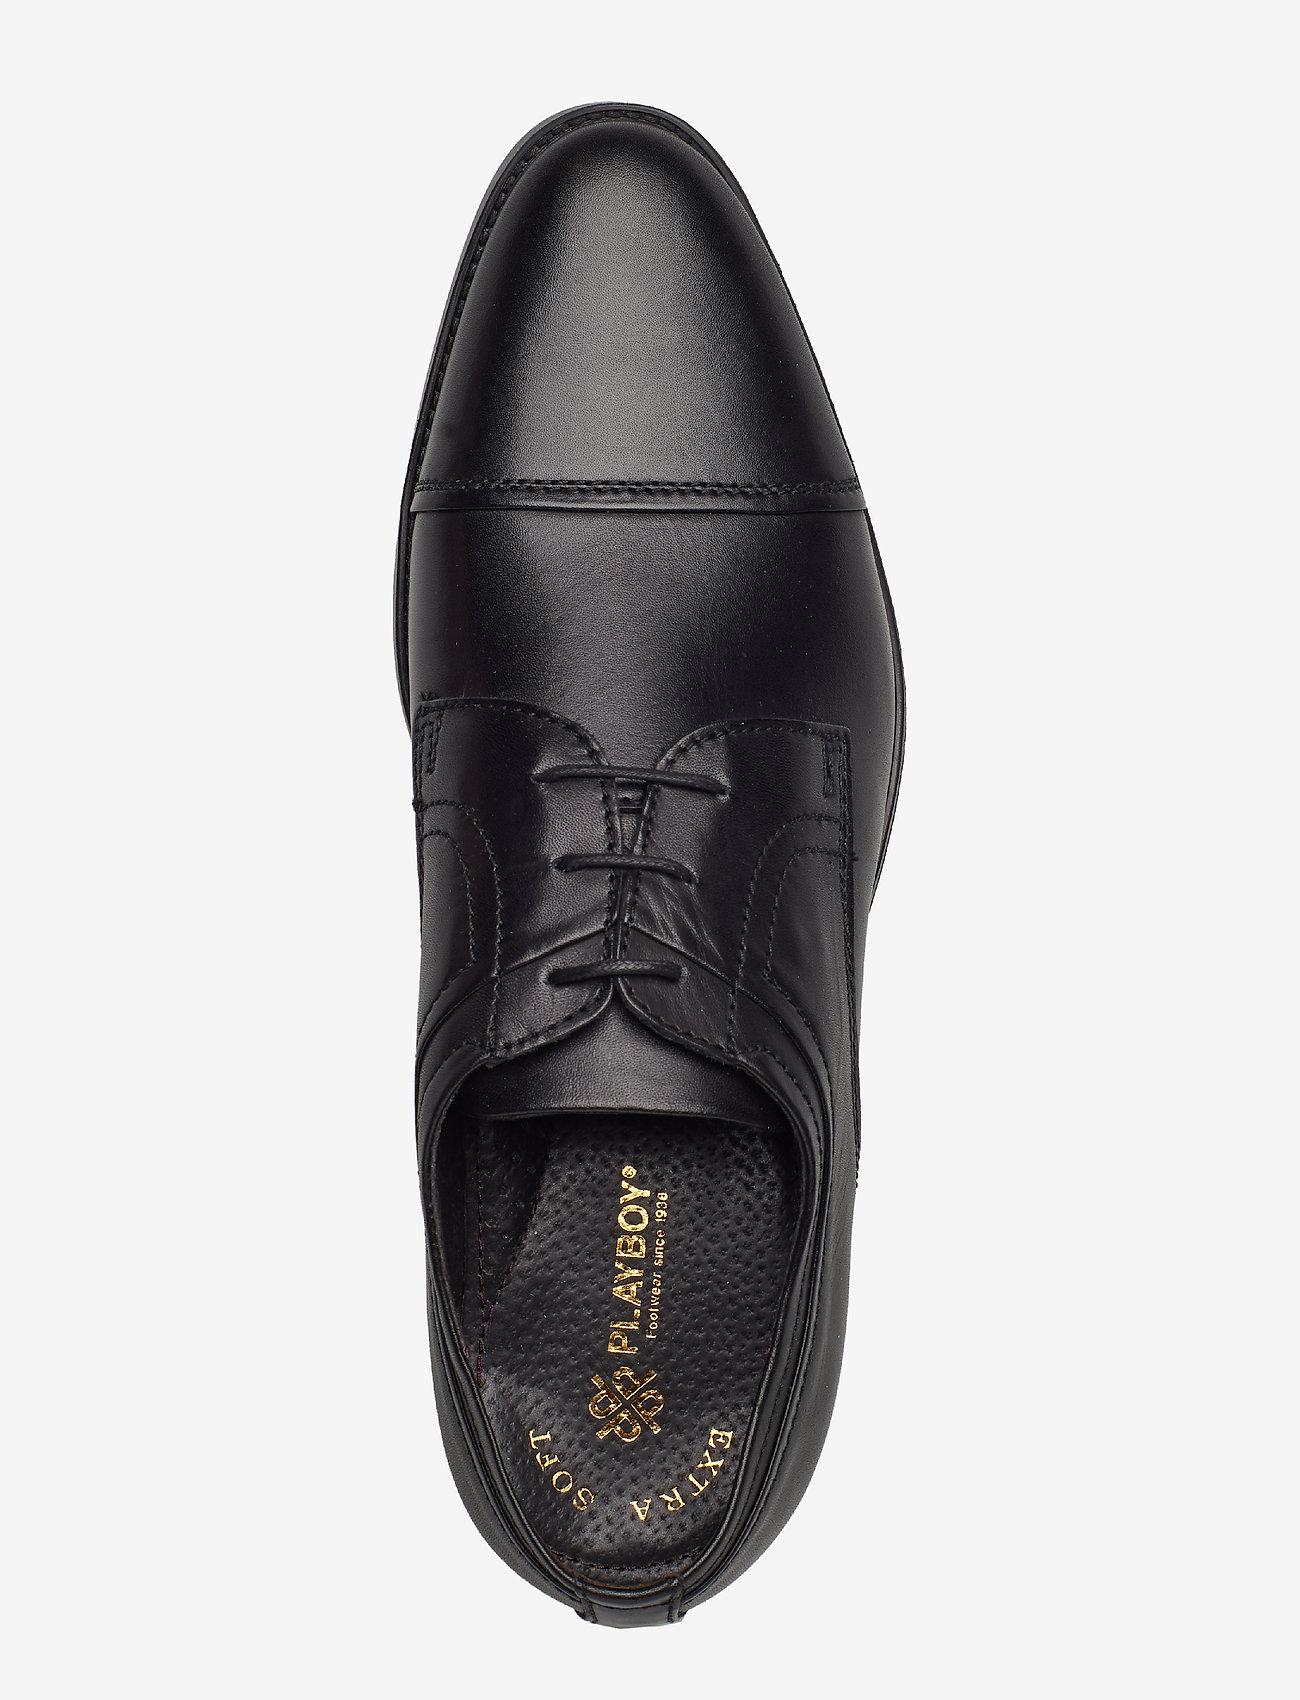 7100 (Black) - Playboy Footwear